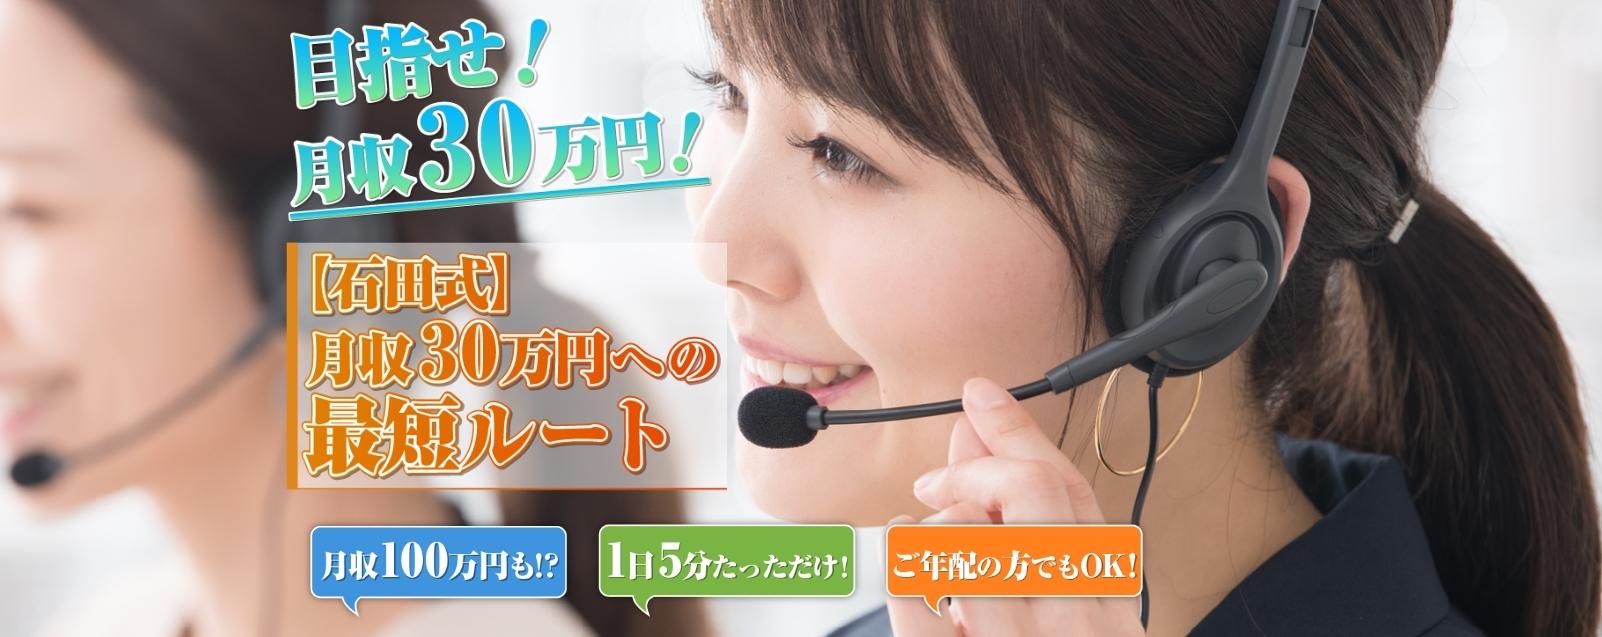 月収30万への確定ルート|石田兼続(いしだかねつぐ)は詐欺副業!?口コミを徹底調査!